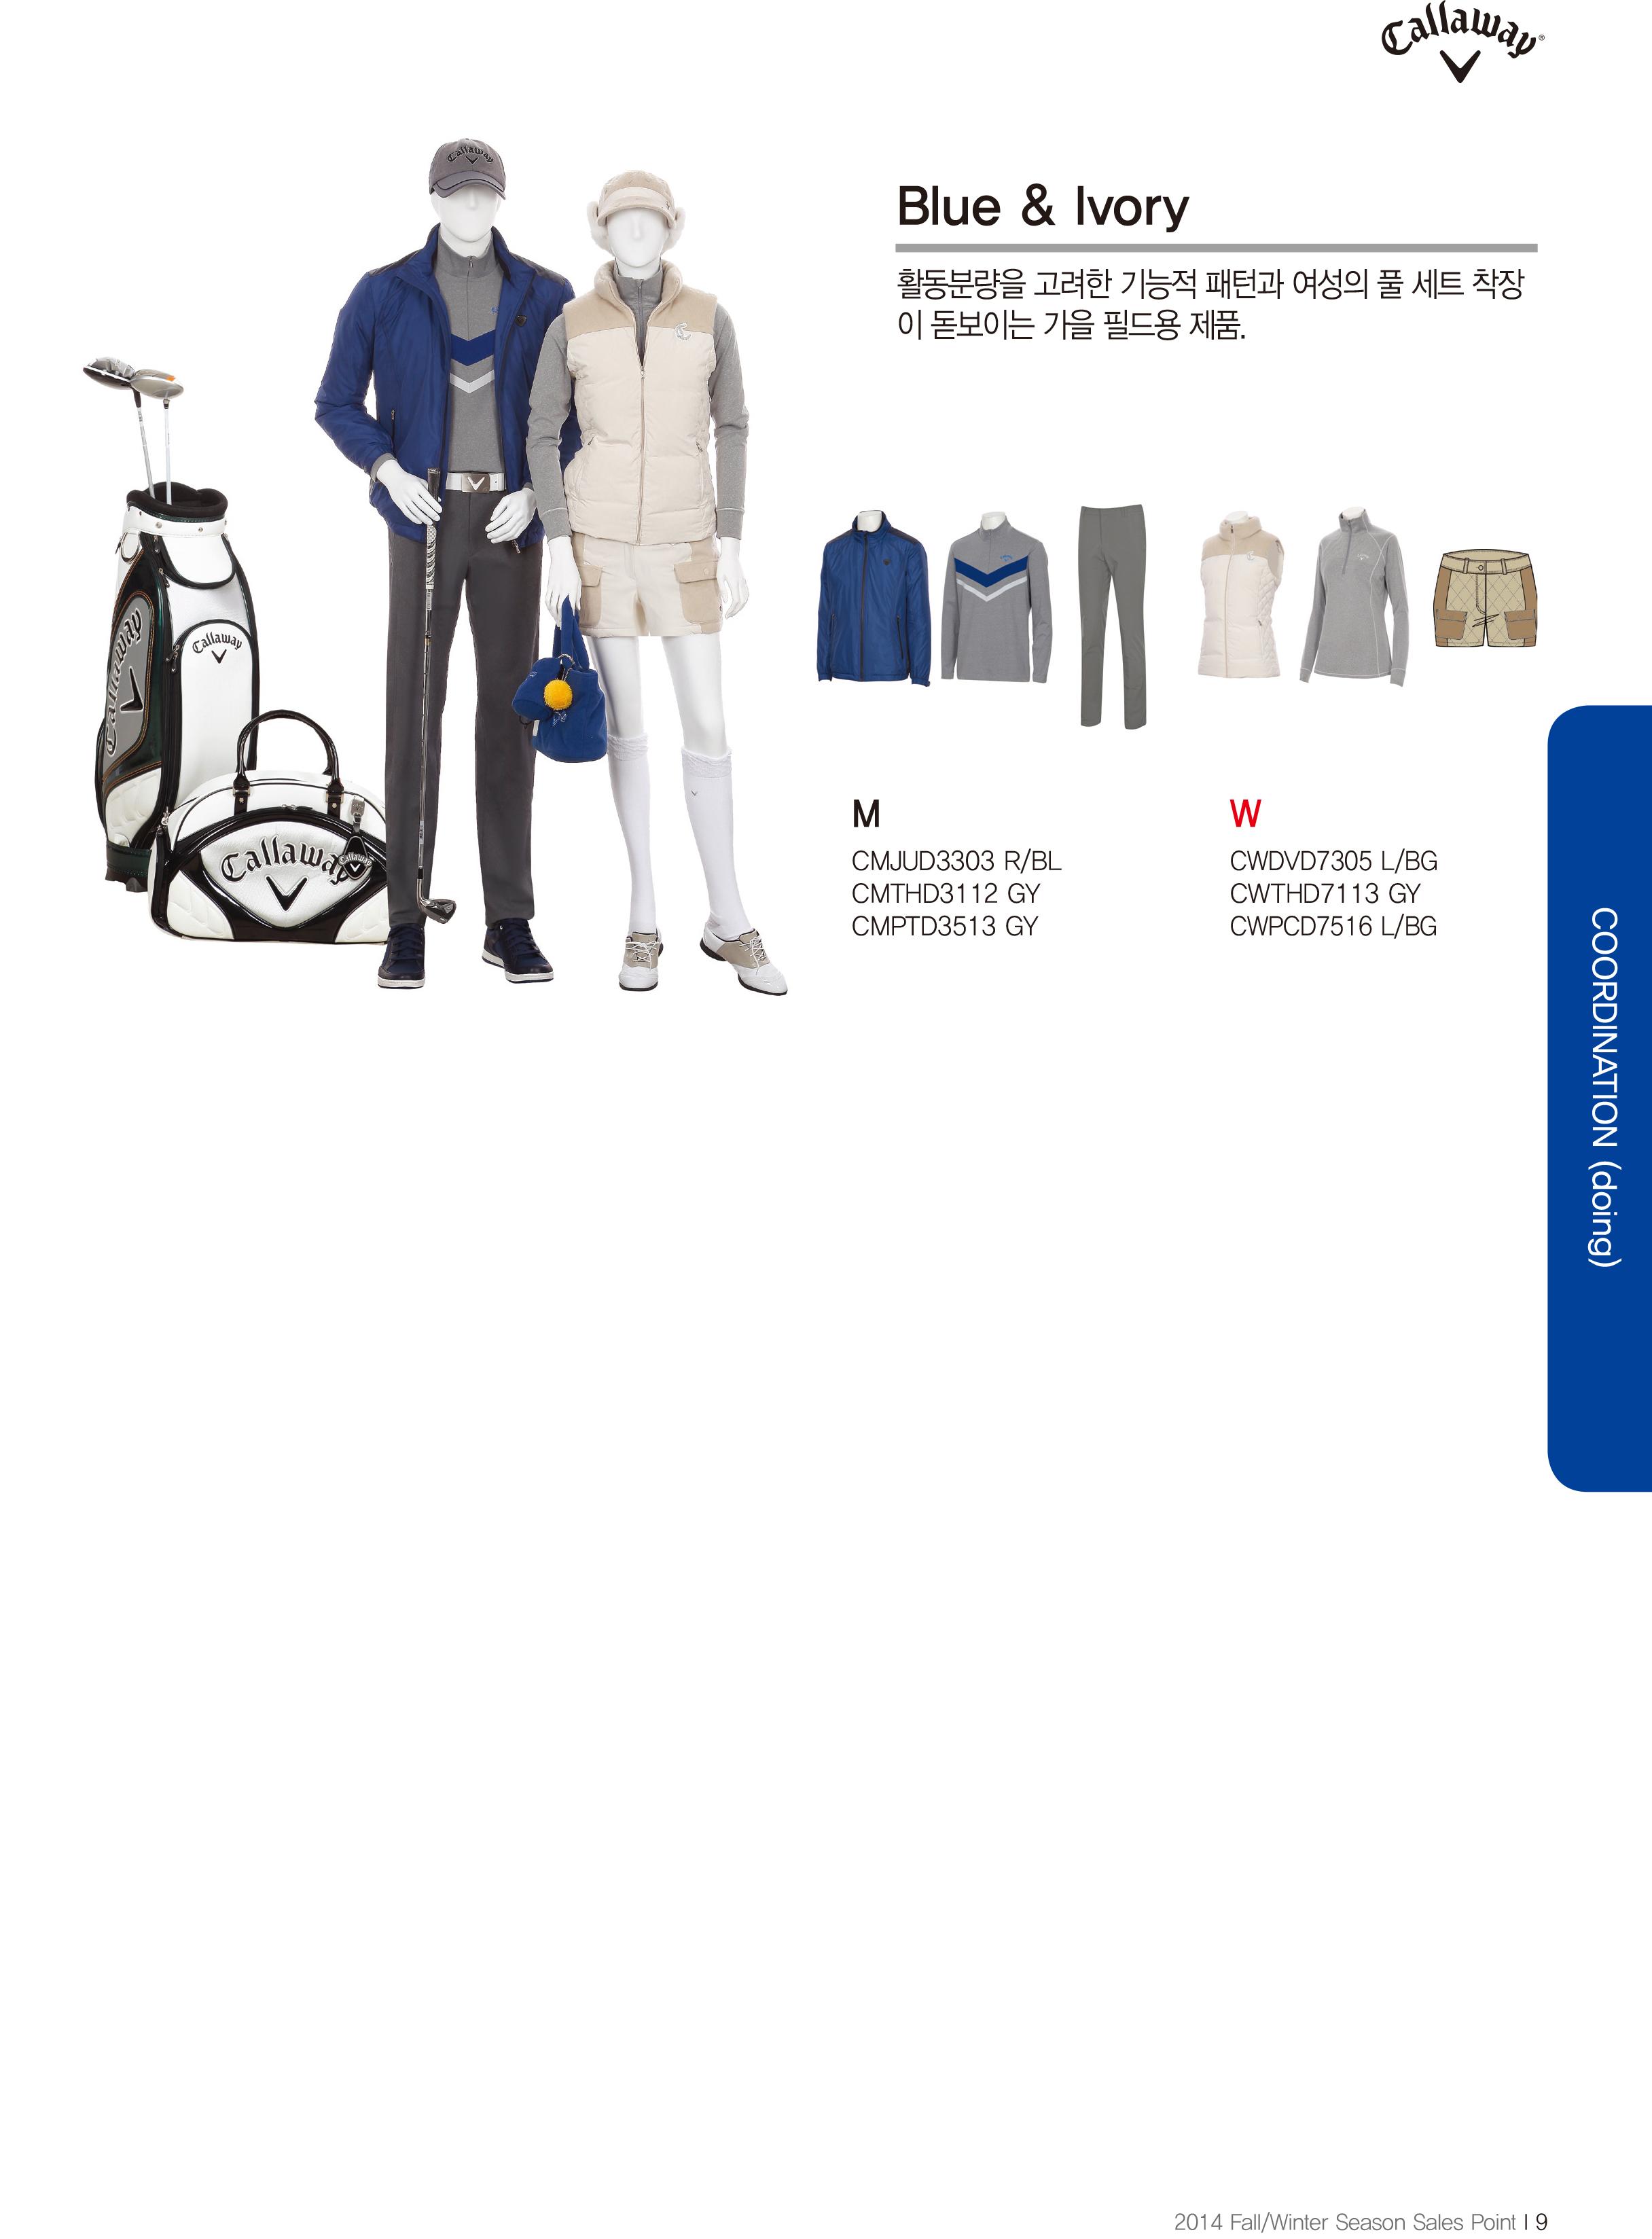 캘러웨이 2014 FW 제품설명서-5.JPG